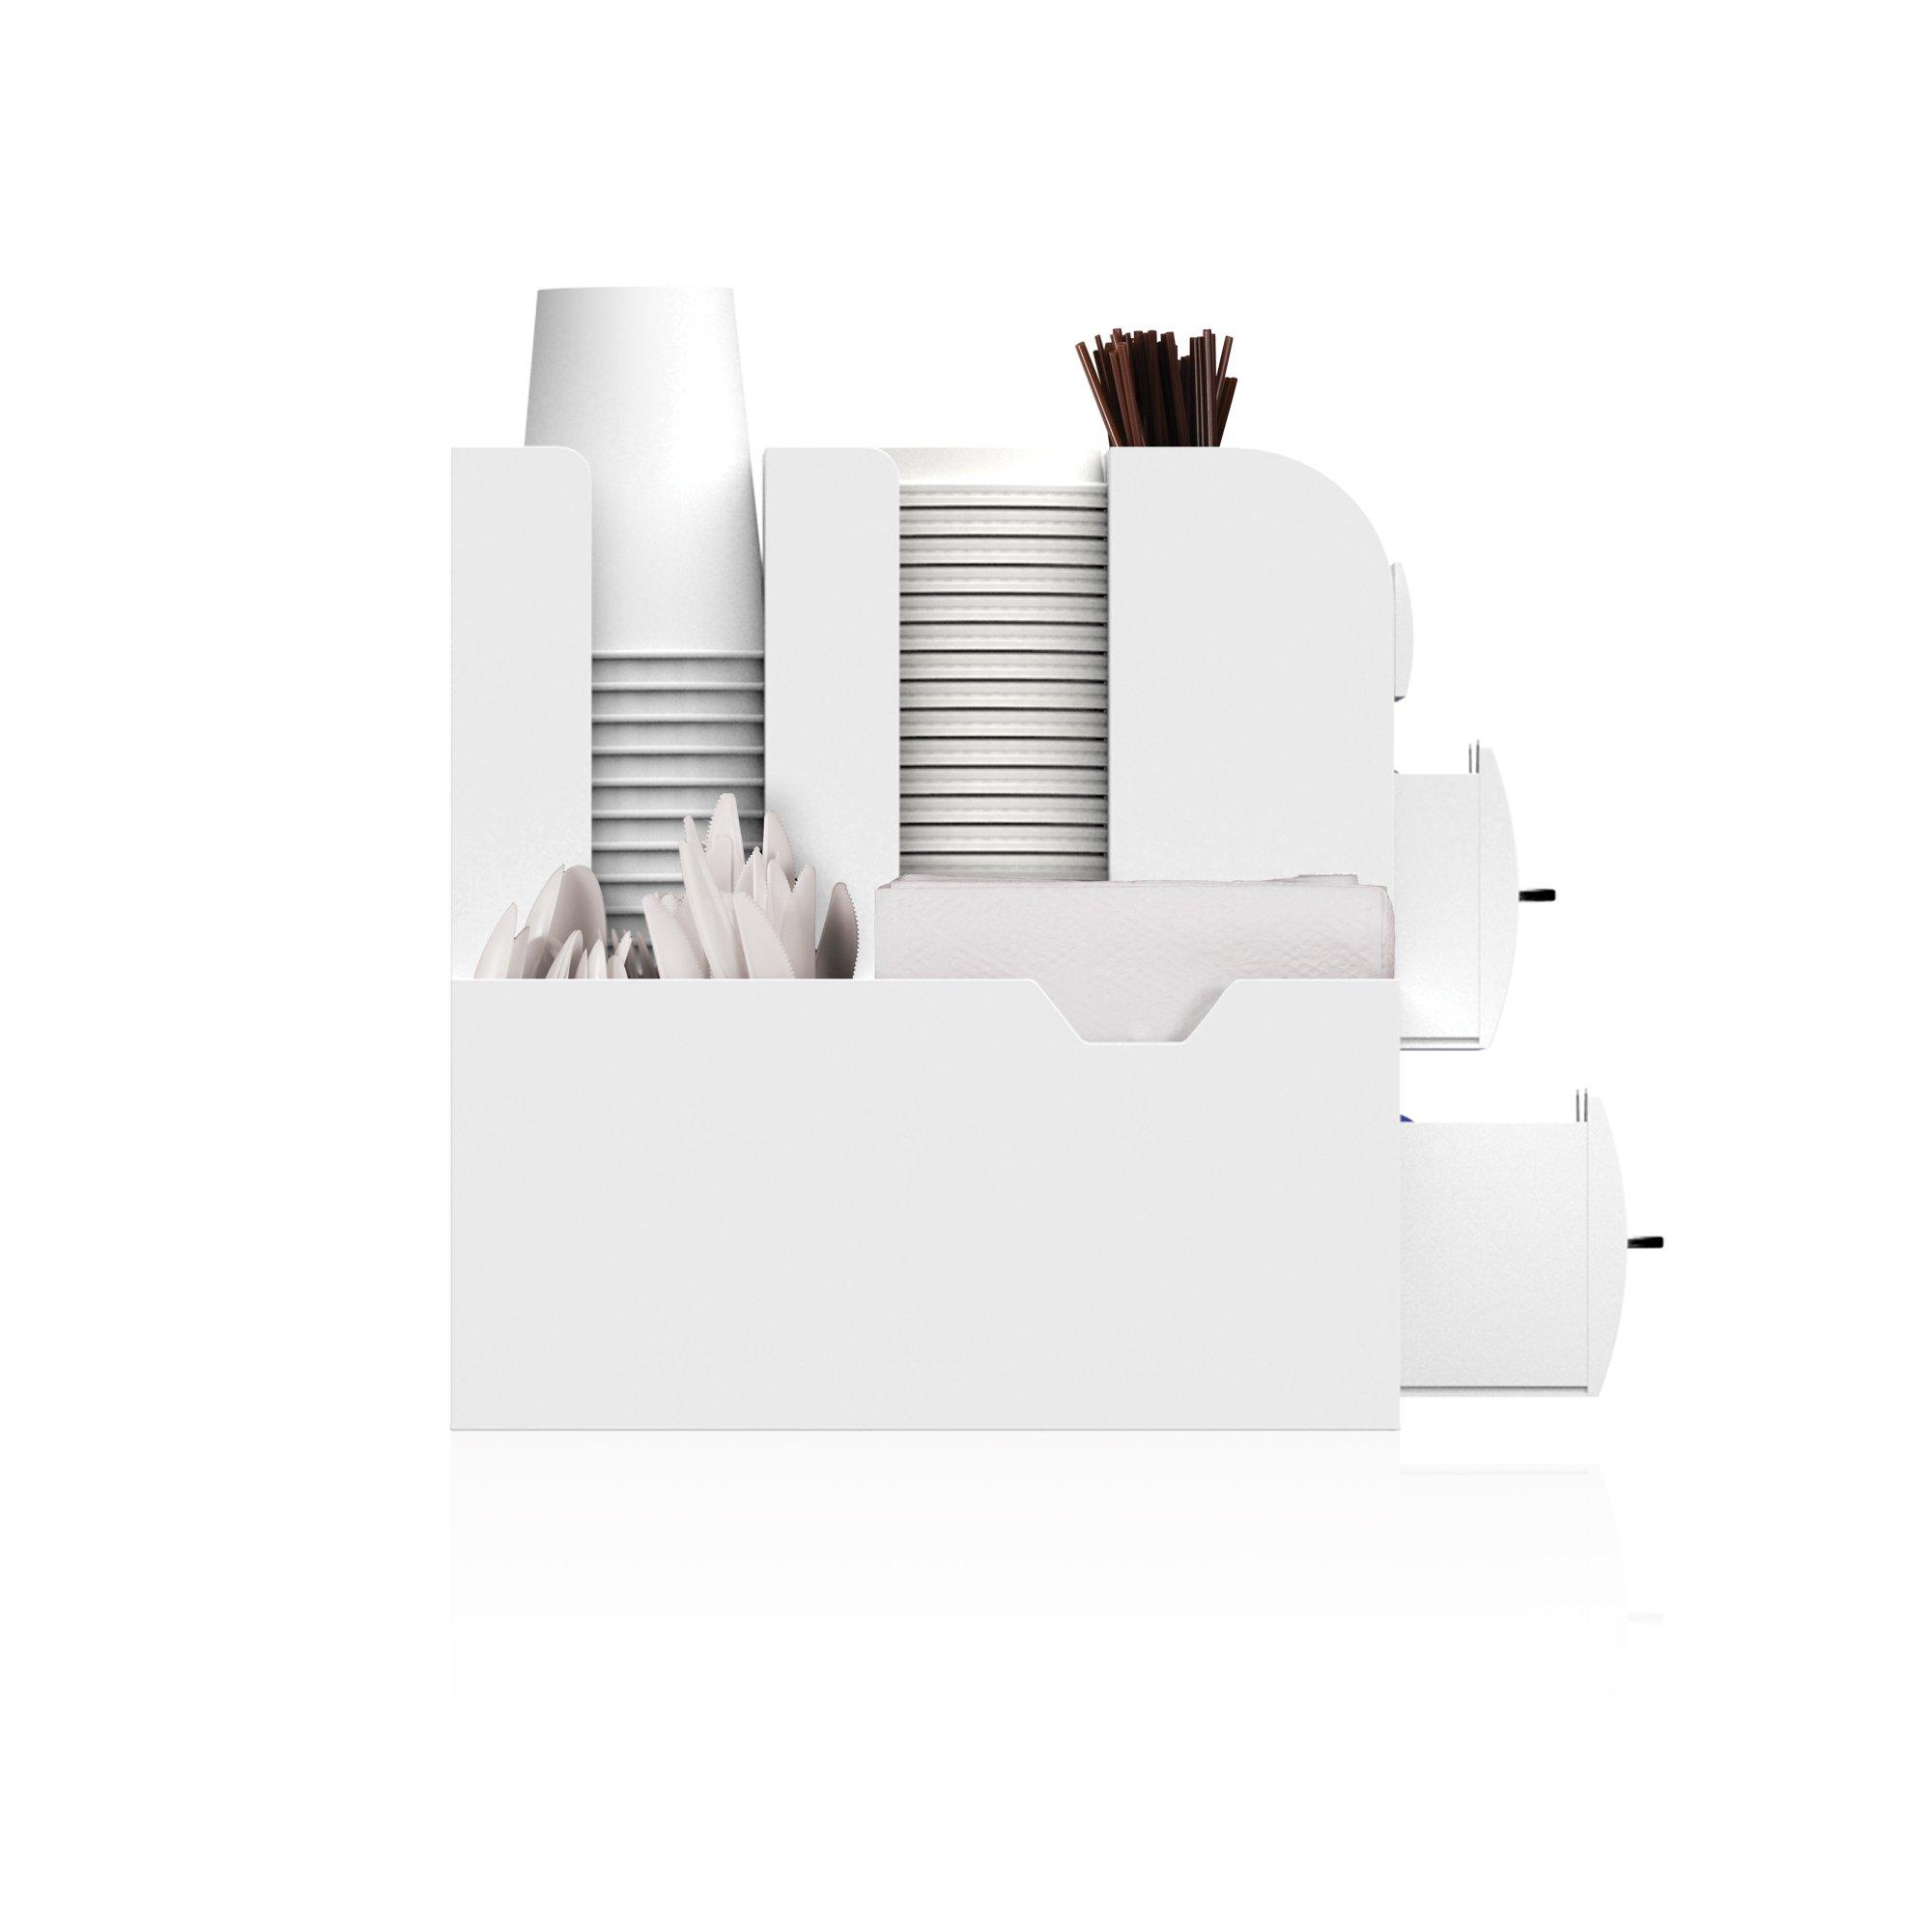 Mind Reader Coffee Condiment Organizer- White, by Mind Reader (Image #3)